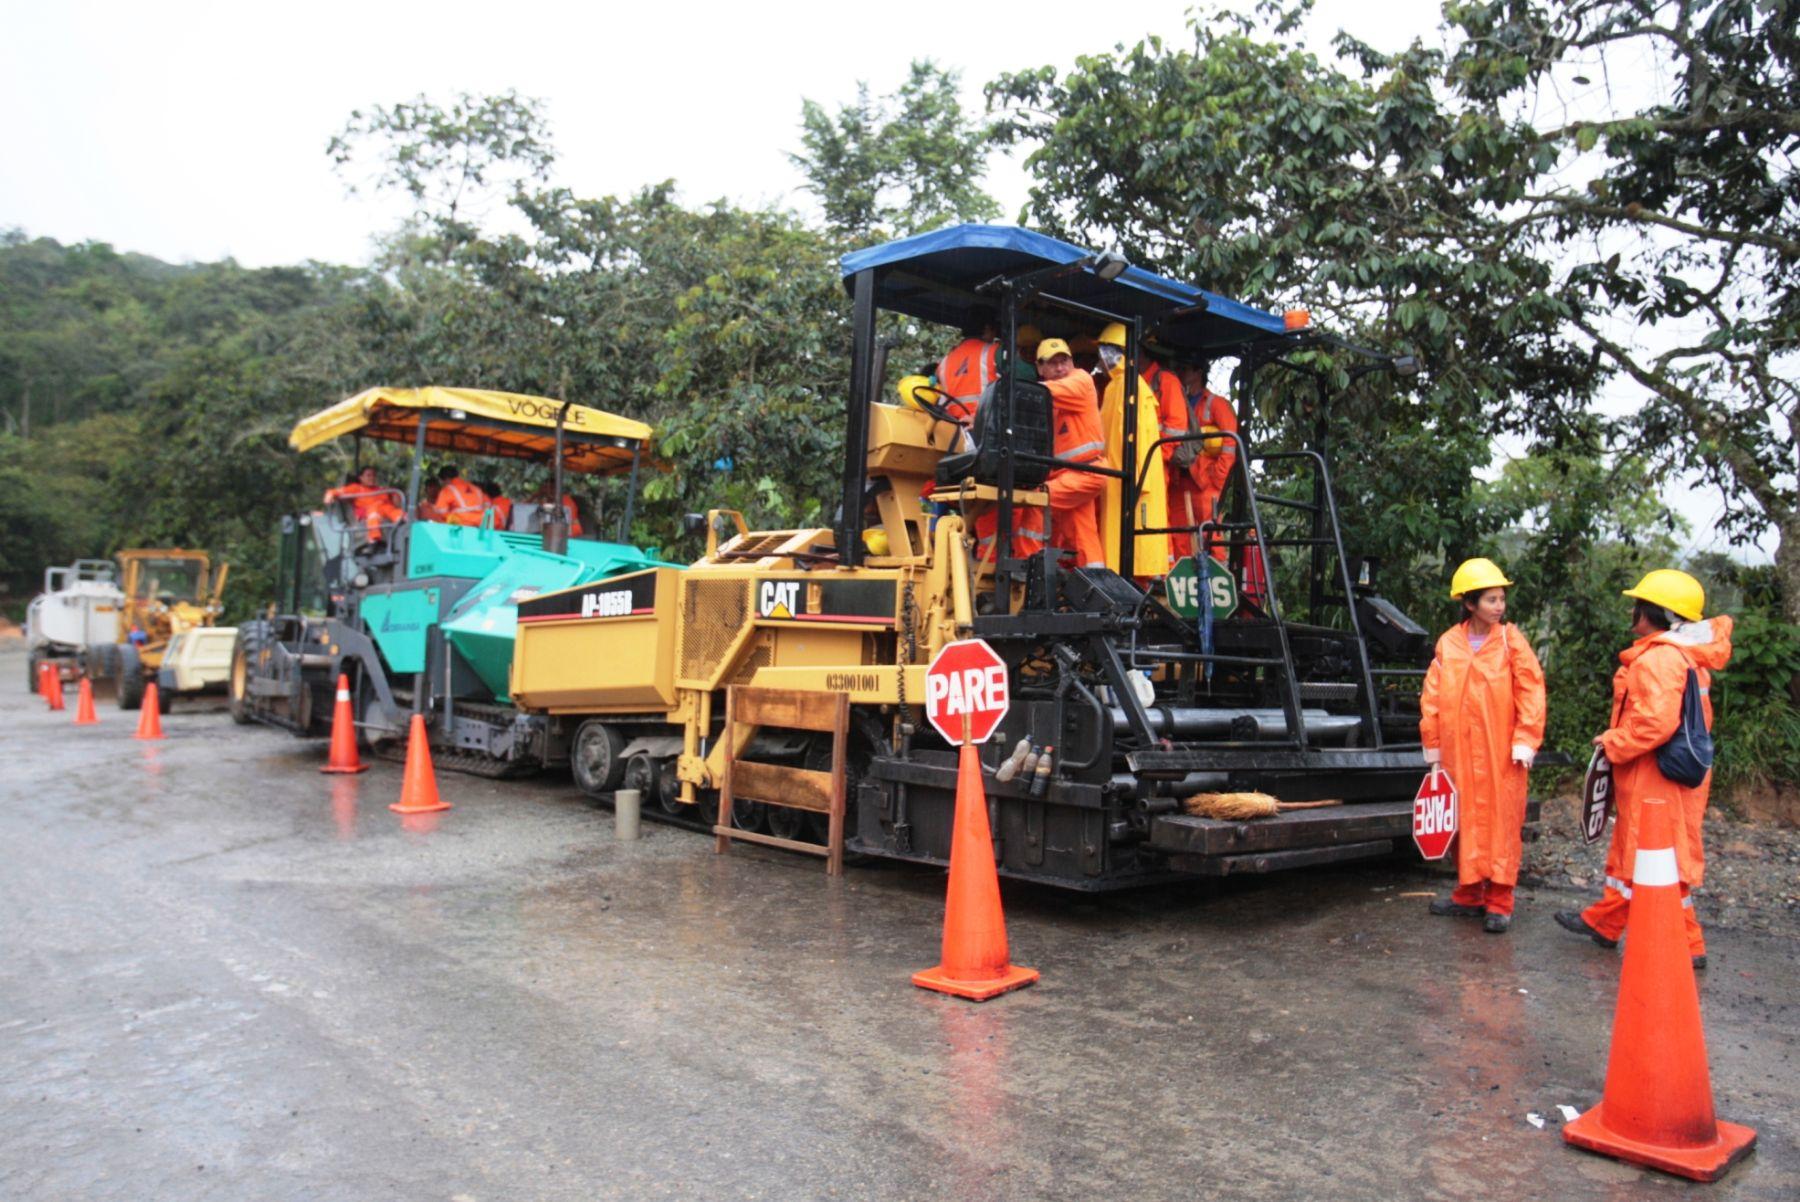 Trabaja Perú transfiere S/ 17.3 millones para ejecución de obras públicas